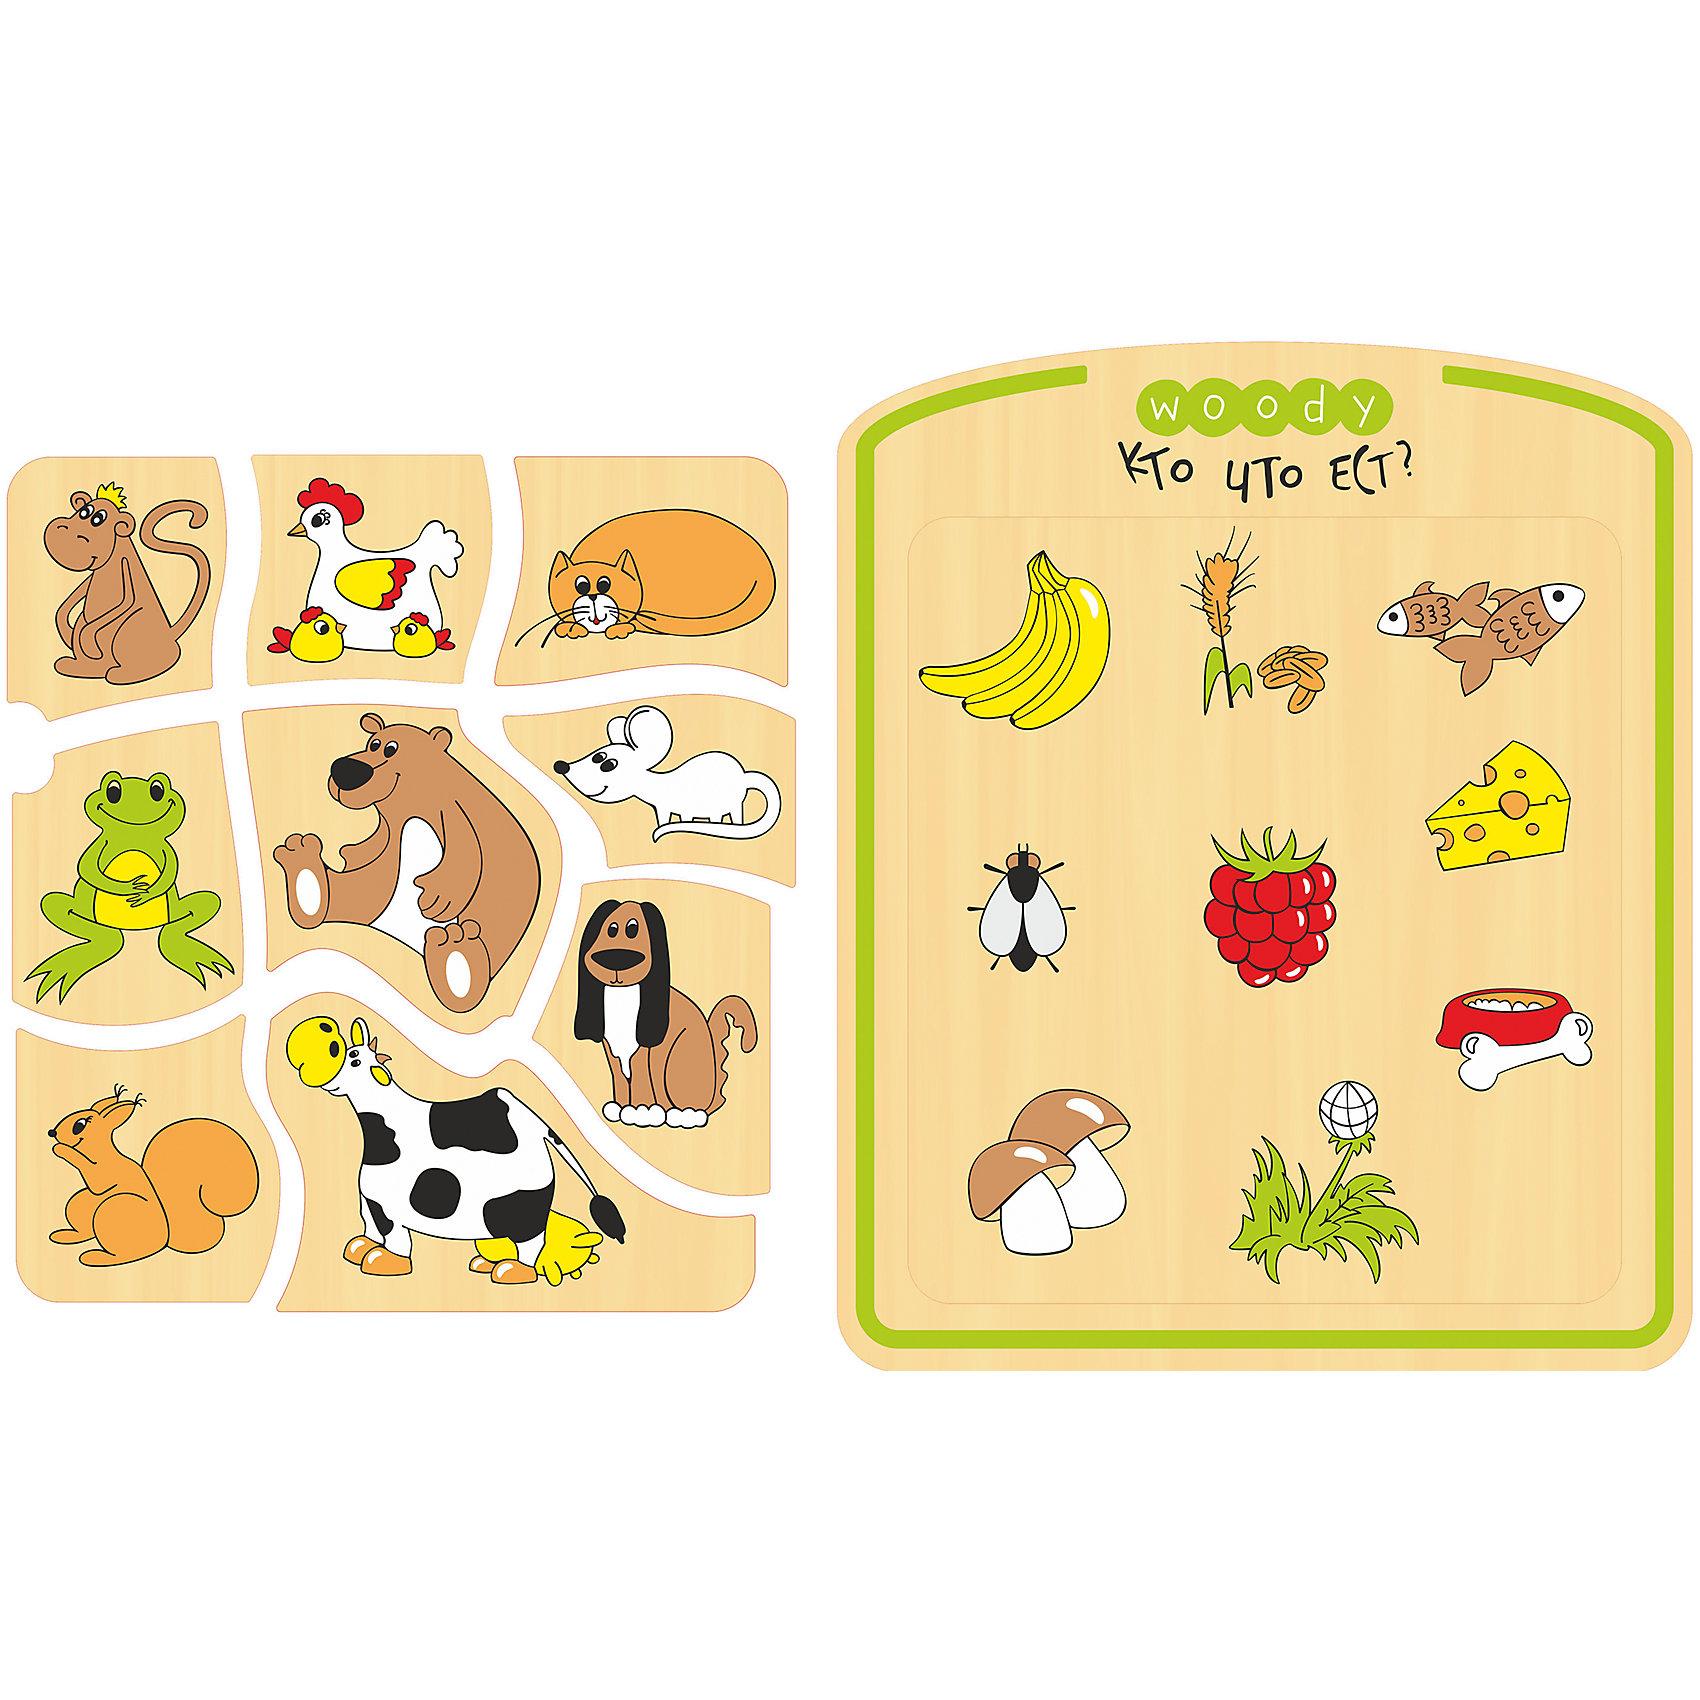 Рамка-вкладыш Кто что ест?Деревянные игры и пазлы<br>Сделать процесс познавания мира для малышей - просто! Яркая обучающая рамка-вкладыш Кто что ест? поможет ребенку легко запомнить зверей и их пищу в процессе совмещения соответствующих элементов.<br>Эта рамка-вкладыш обязательно займет ребенка! Игра с ней помогает детям развивать мелкую моторику и познавать мир. Обучающая игрушка сделана из качественных и безопасных для ребенка материалов - натурального дерева.<br><br>Дополнительная информация:<br><br>цвет: разноцветный;<br>размер: 25,3 х 21 х 0,8 см;<br>вес: 215 г;<br>элементов: 10;<br>материал: дерево.<br><br>Рамку-вкладыш Кто что ест? можно купить в нашем магазине.<br><br>Ширина мм: 255<br>Глубина мм: 5<br>Высота мм: 210<br>Вес г: 215<br>Возраст от месяцев: 36<br>Возраст до месяцев: 2147483647<br>Пол: Унисекс<br>Возраст: Детский<br>SKU: 4916342